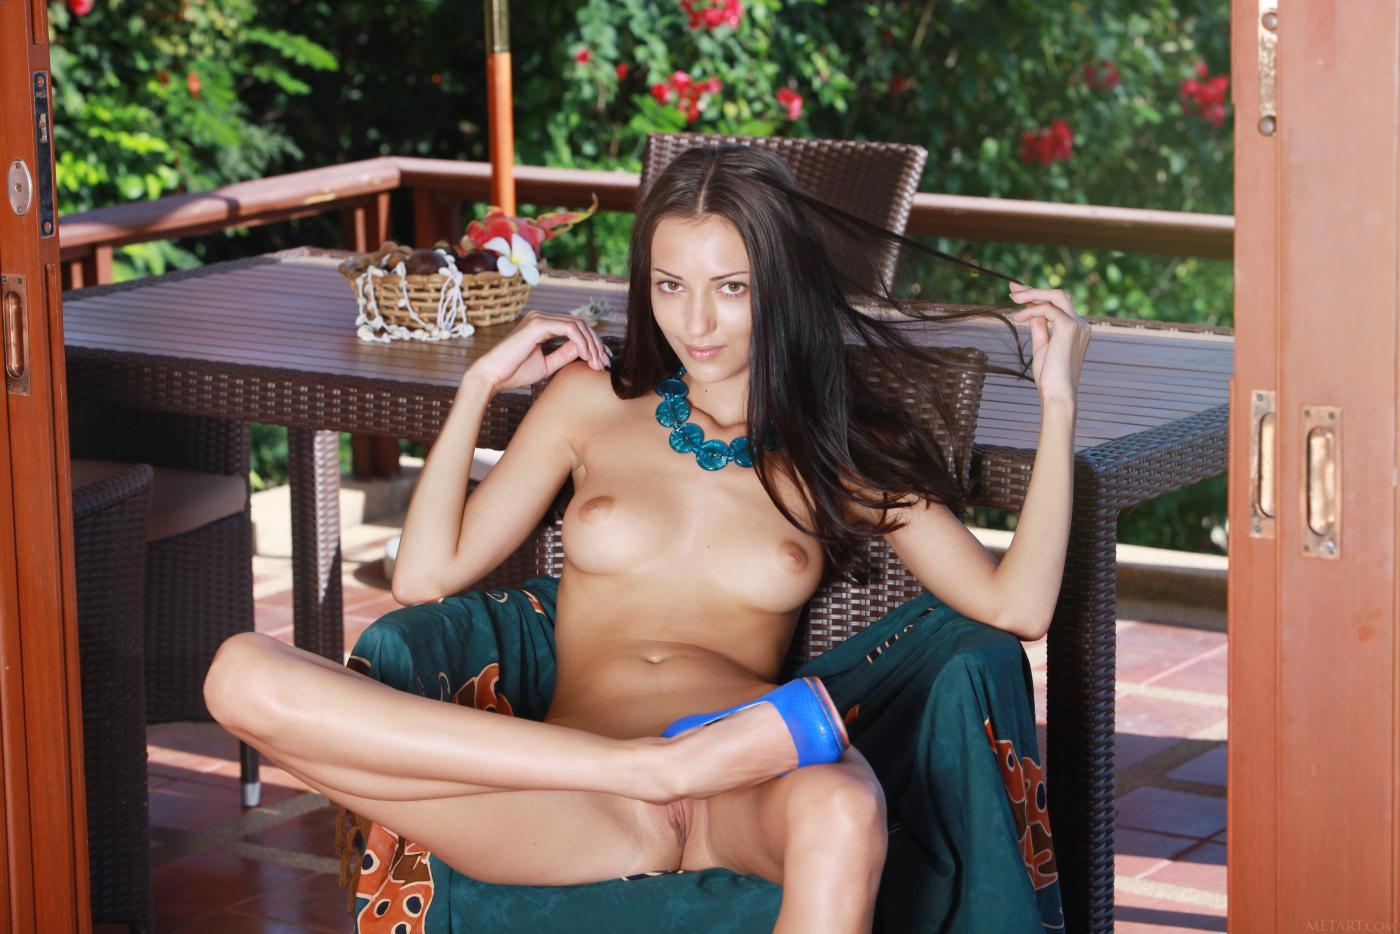 Блистательная шатенка Anna Aj остается абсолютно без трусиков, но на высоких каблуках и в светло-синем ожерелье